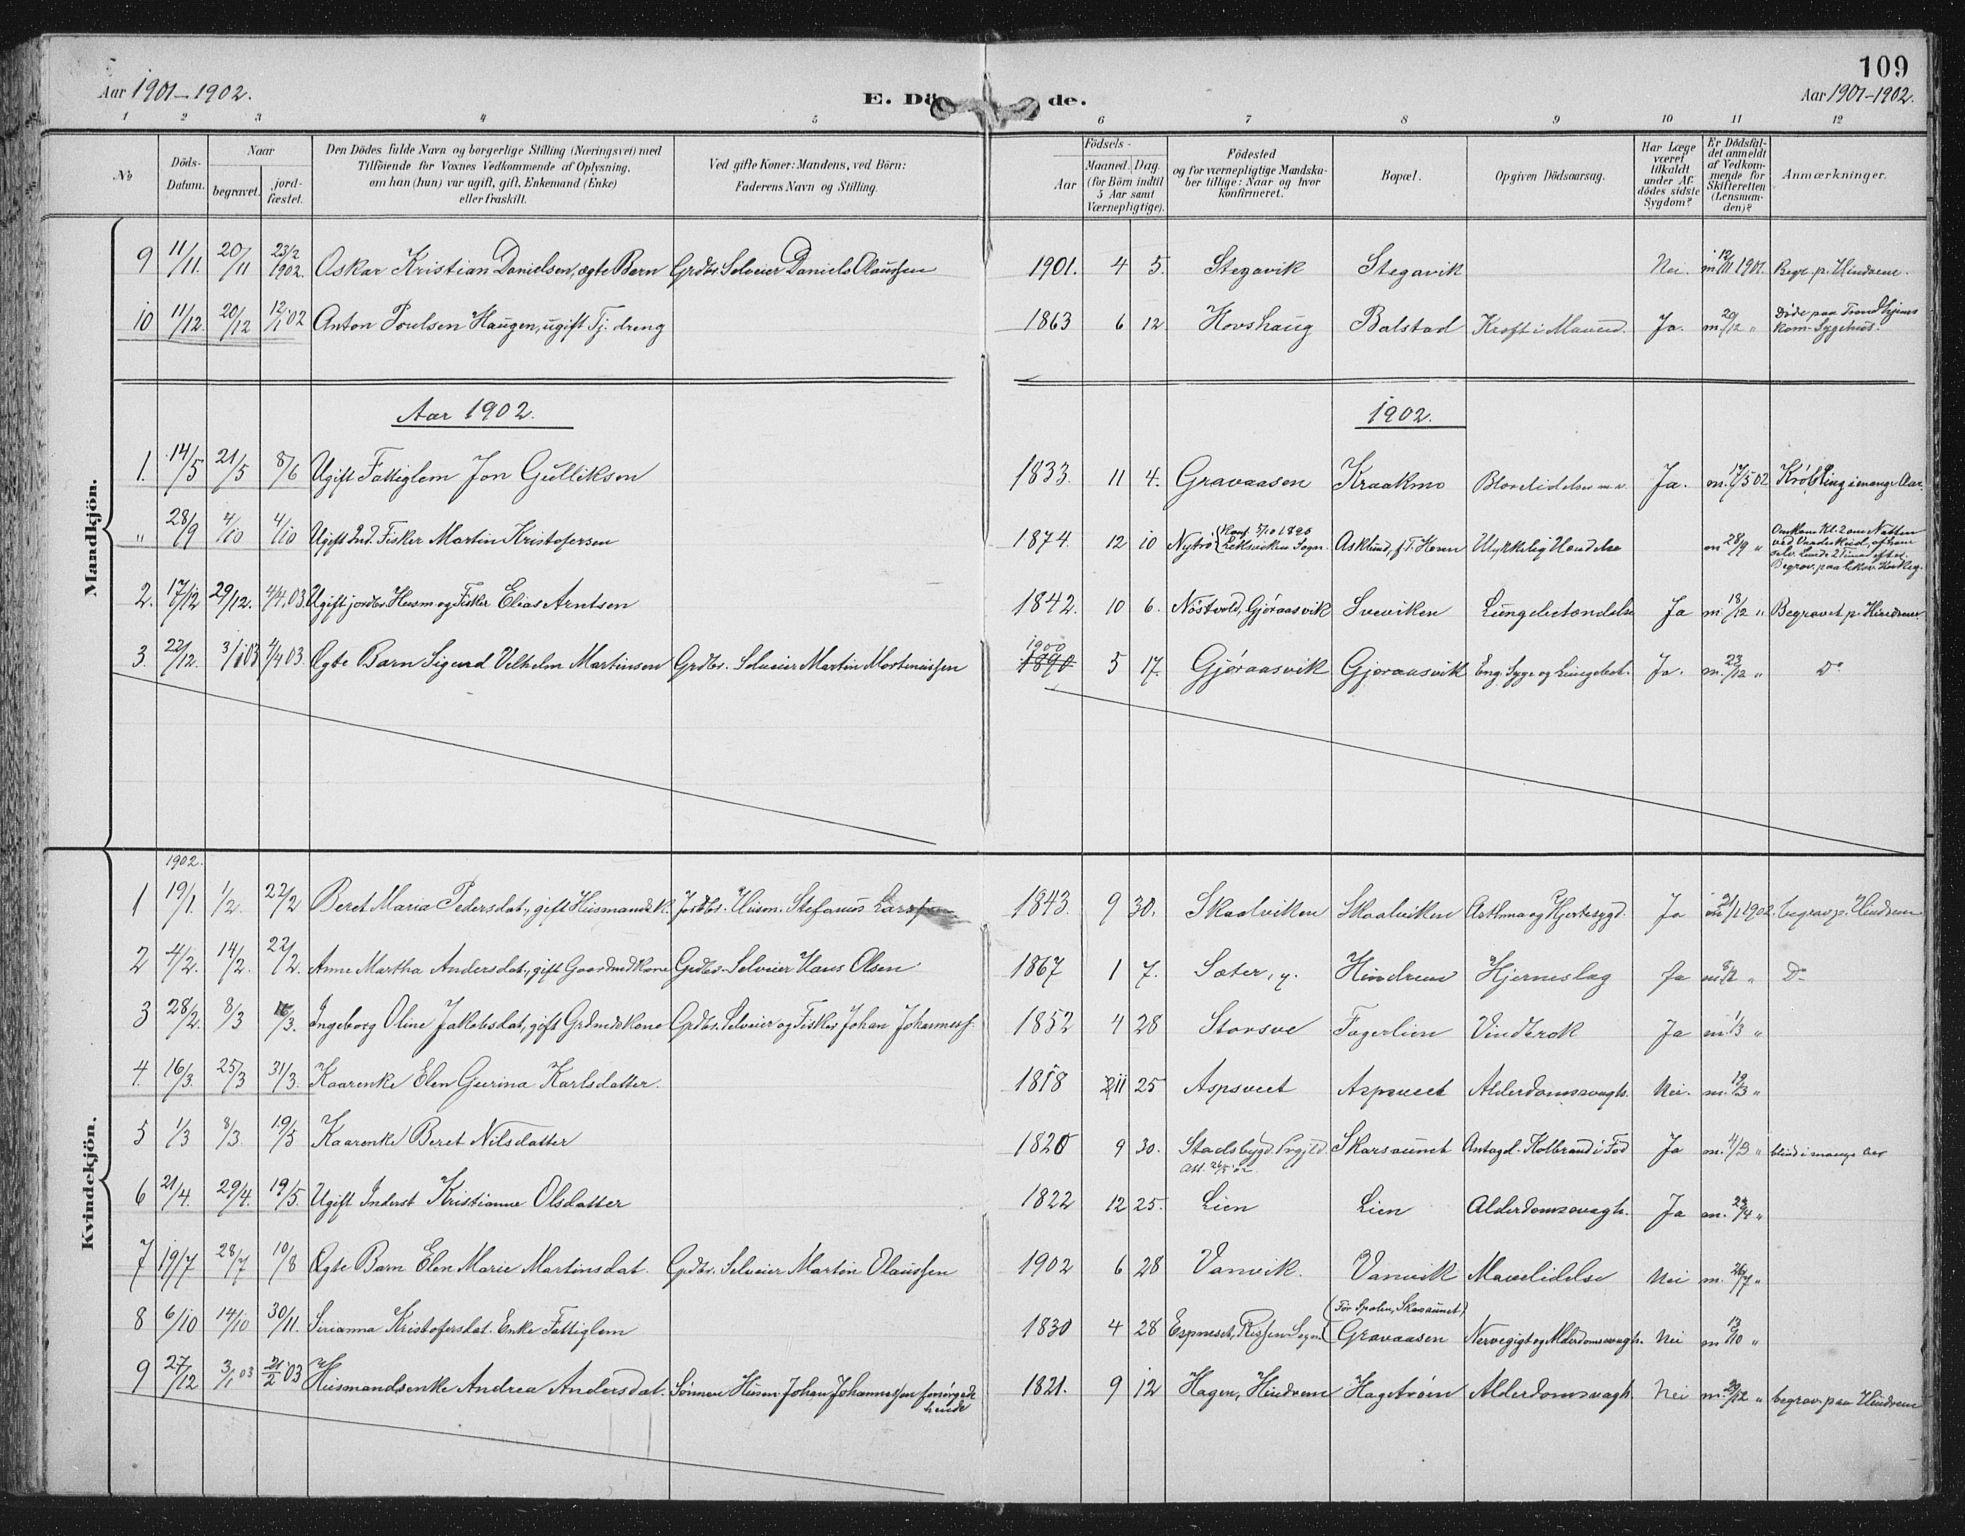 SAT, Ministerialprotokoller, klokkerbøker og fødselsregistre - Nord-Trøndelag, 702/L0024: Parish register (official) no. 702A02, 1898-1914, p. 109